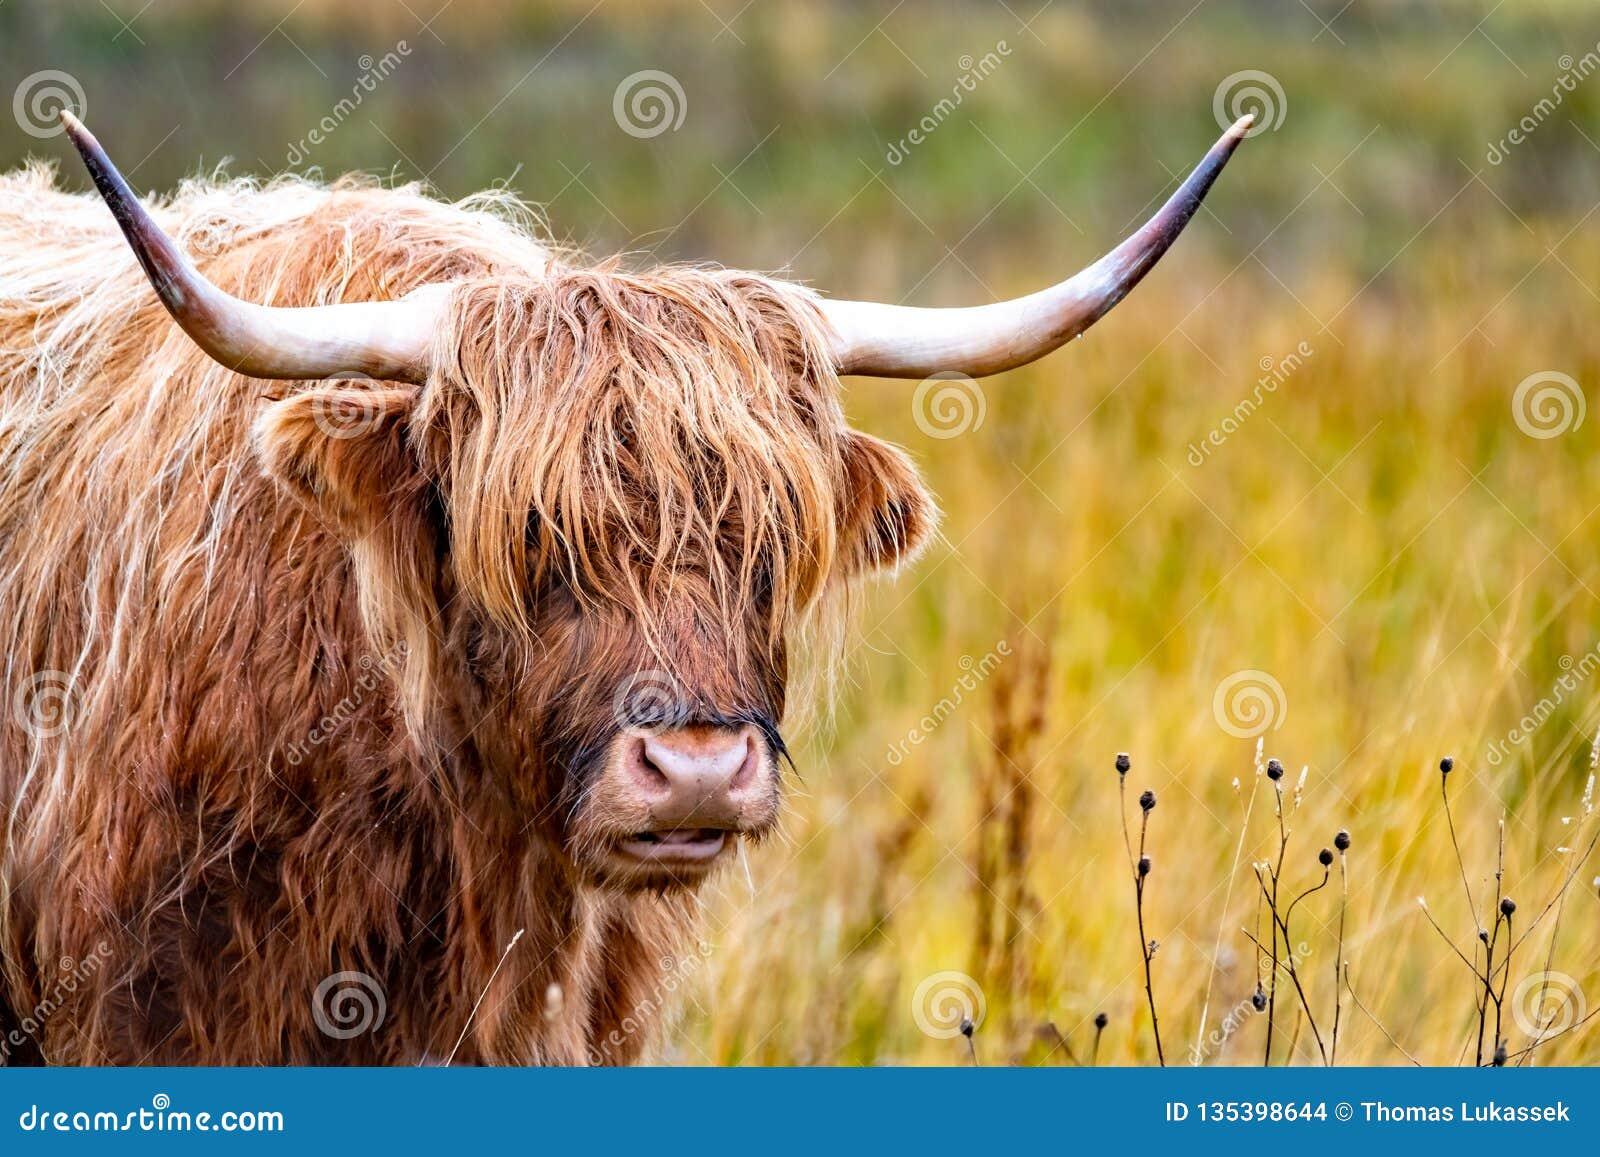 El ganado de la montaña - BO Ghaidhealach - Heilan arrulla - una raza de ganados escocesa con los cuernos largos característicos